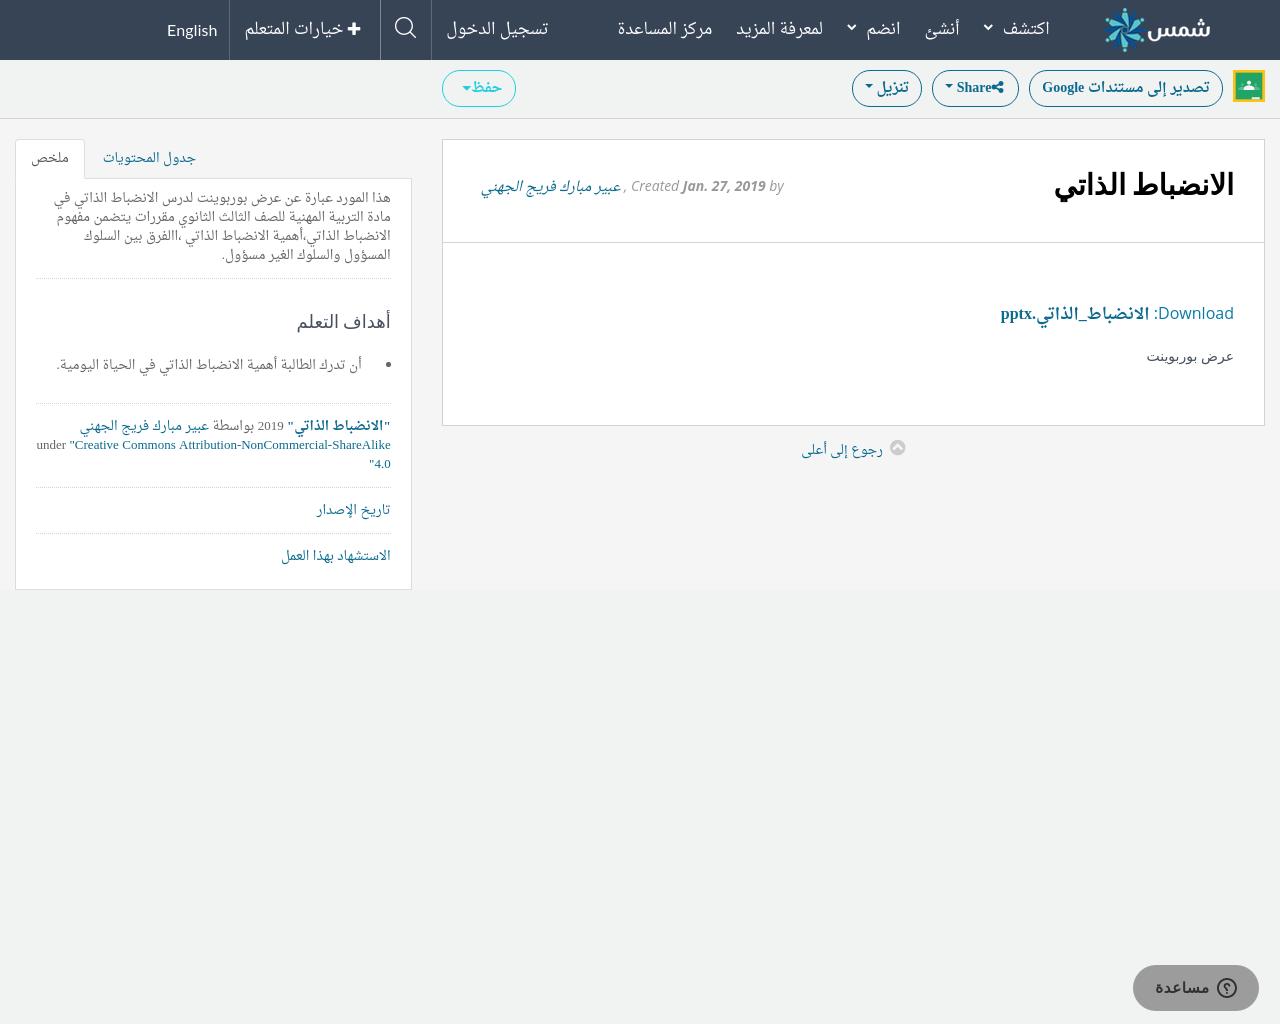 الانضباط الذاتي Shms Saudi Oer Network